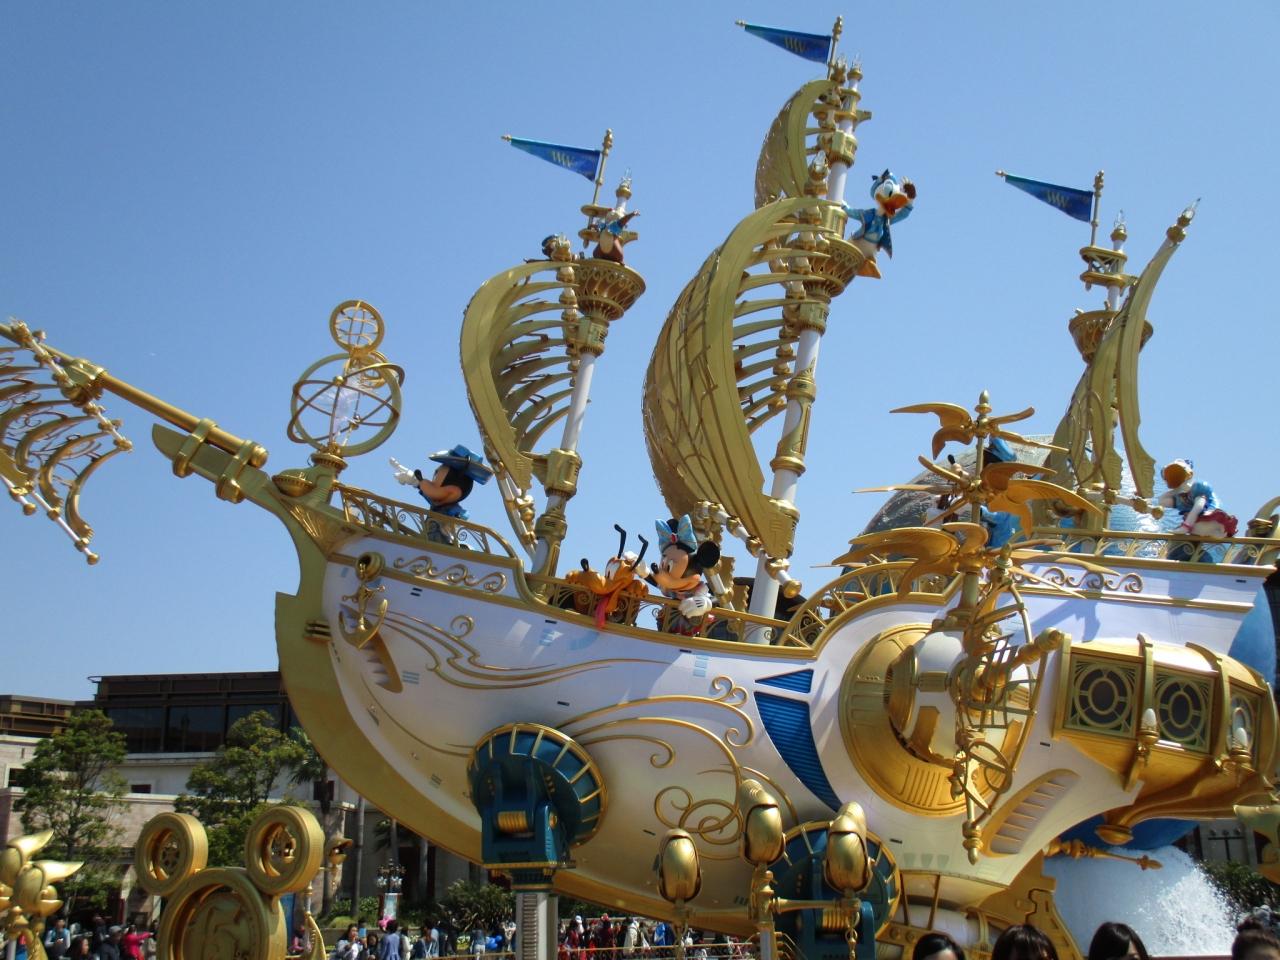 15周年ディズニーシーから宇宙へ(1泊2日旅行)』東京ディズニーリゾート